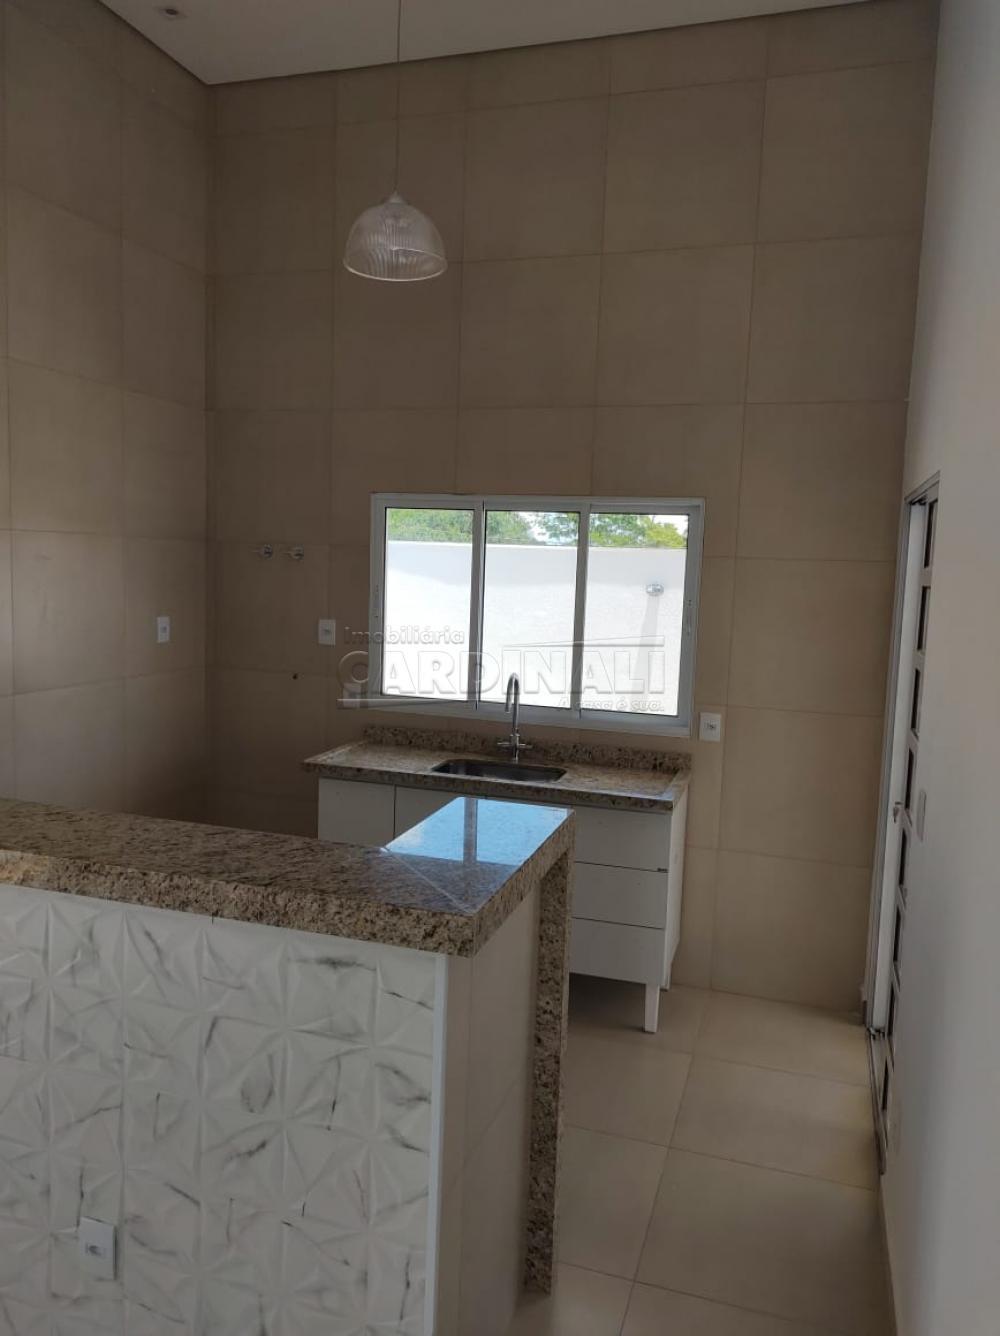 Comprar Casa / Condomínio em Araraquara R$ 480.000,00 - Foto 13